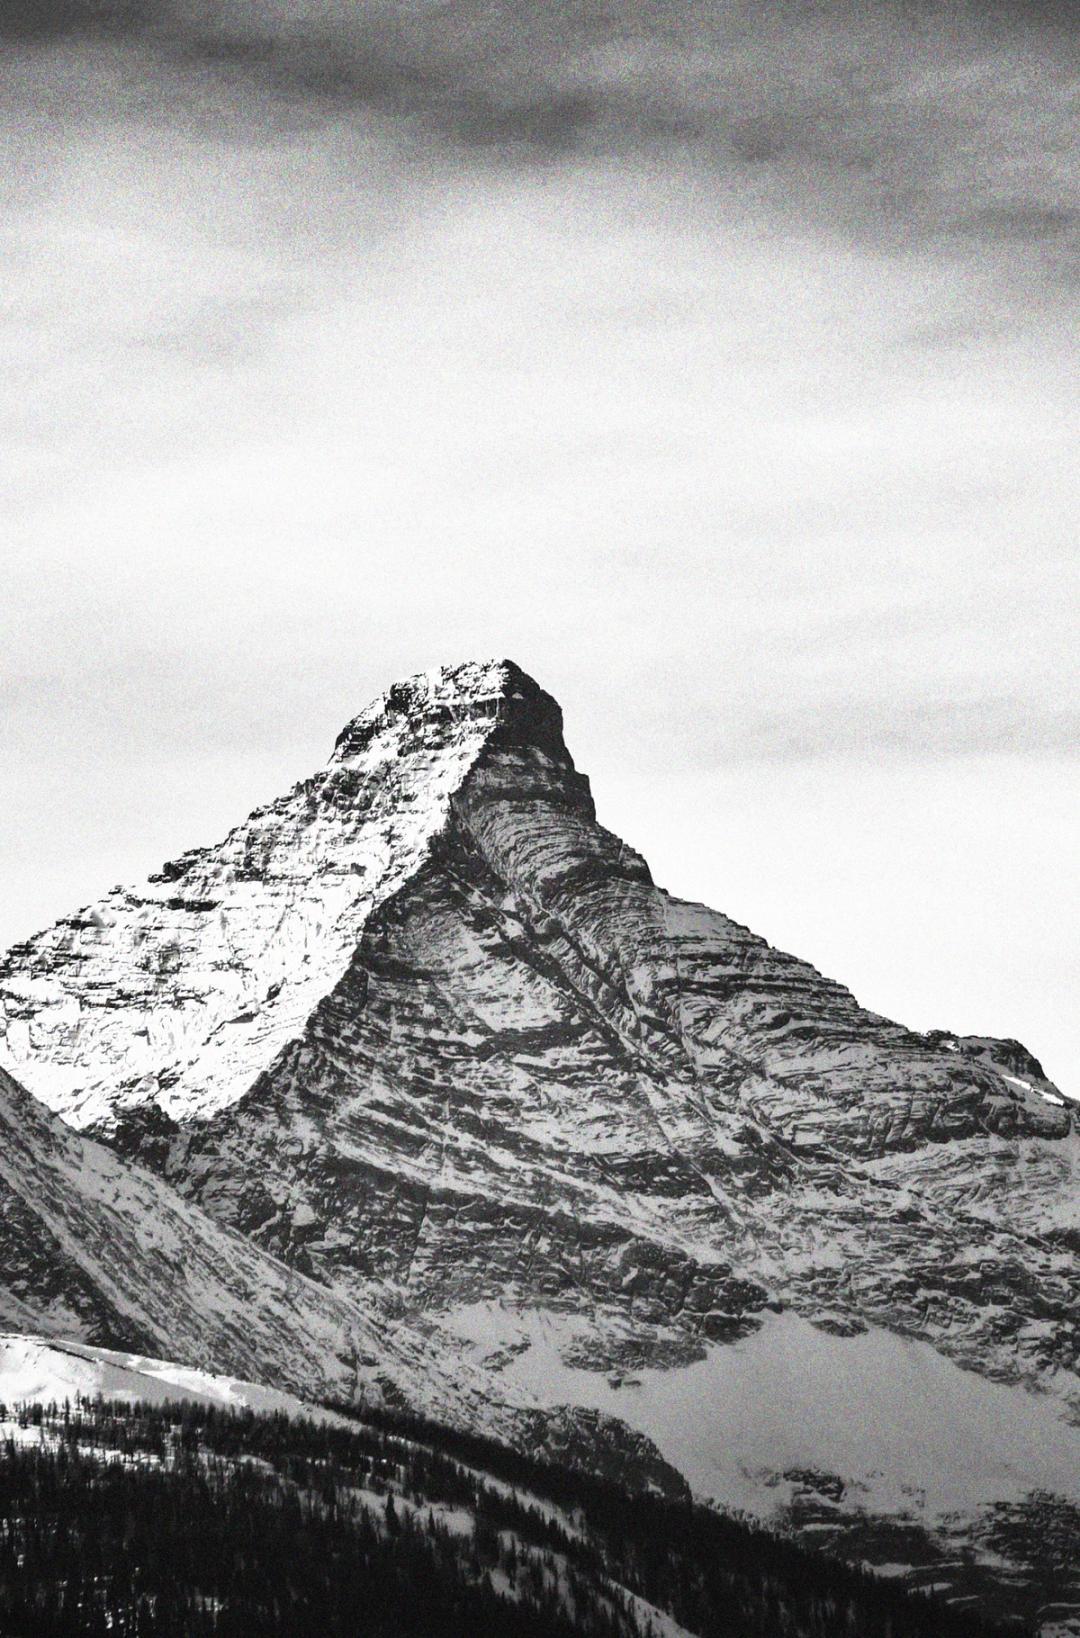 Large mountain peak